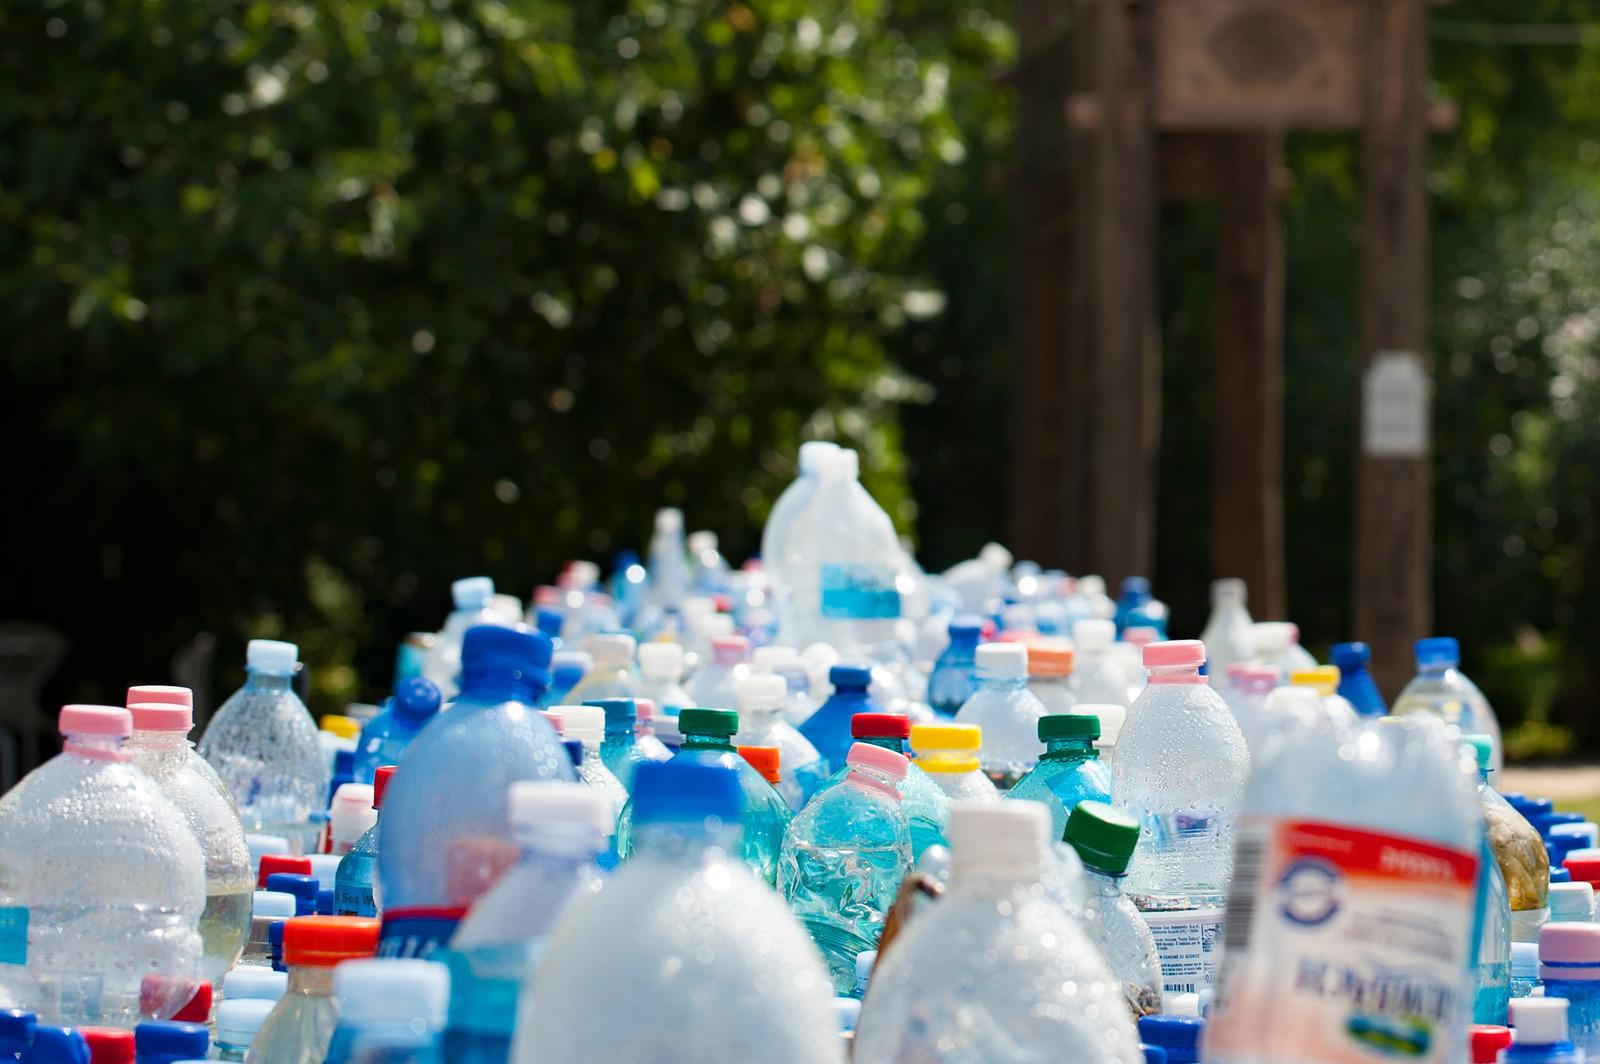 Tanamkan Edukasi Bahaya Plastik Sejak Dini Melalui Bacaan Komik